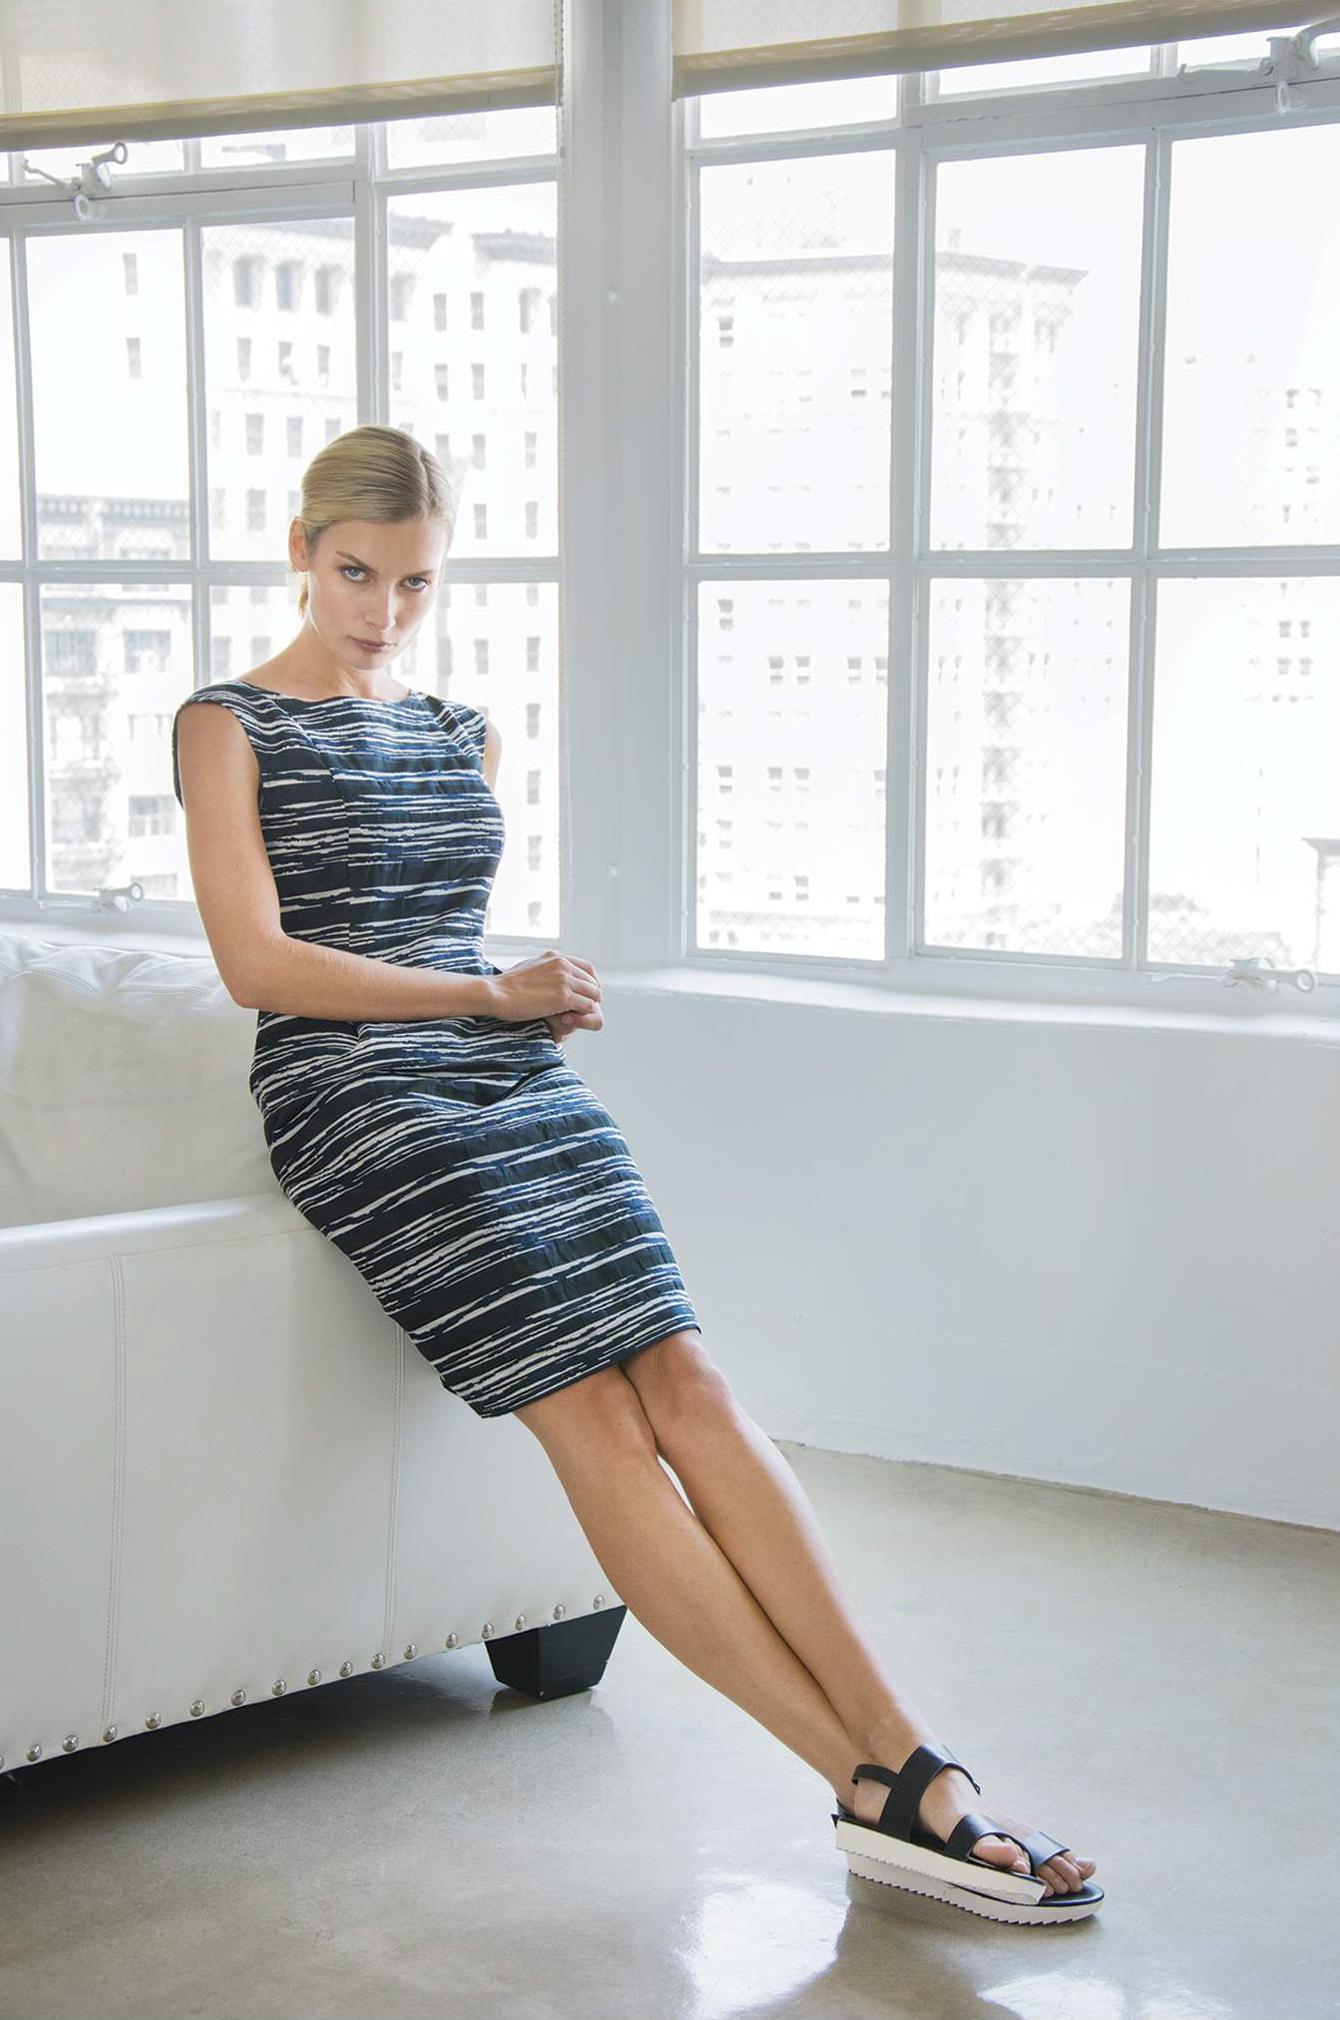 Dress: Alexis - SANTORELLI